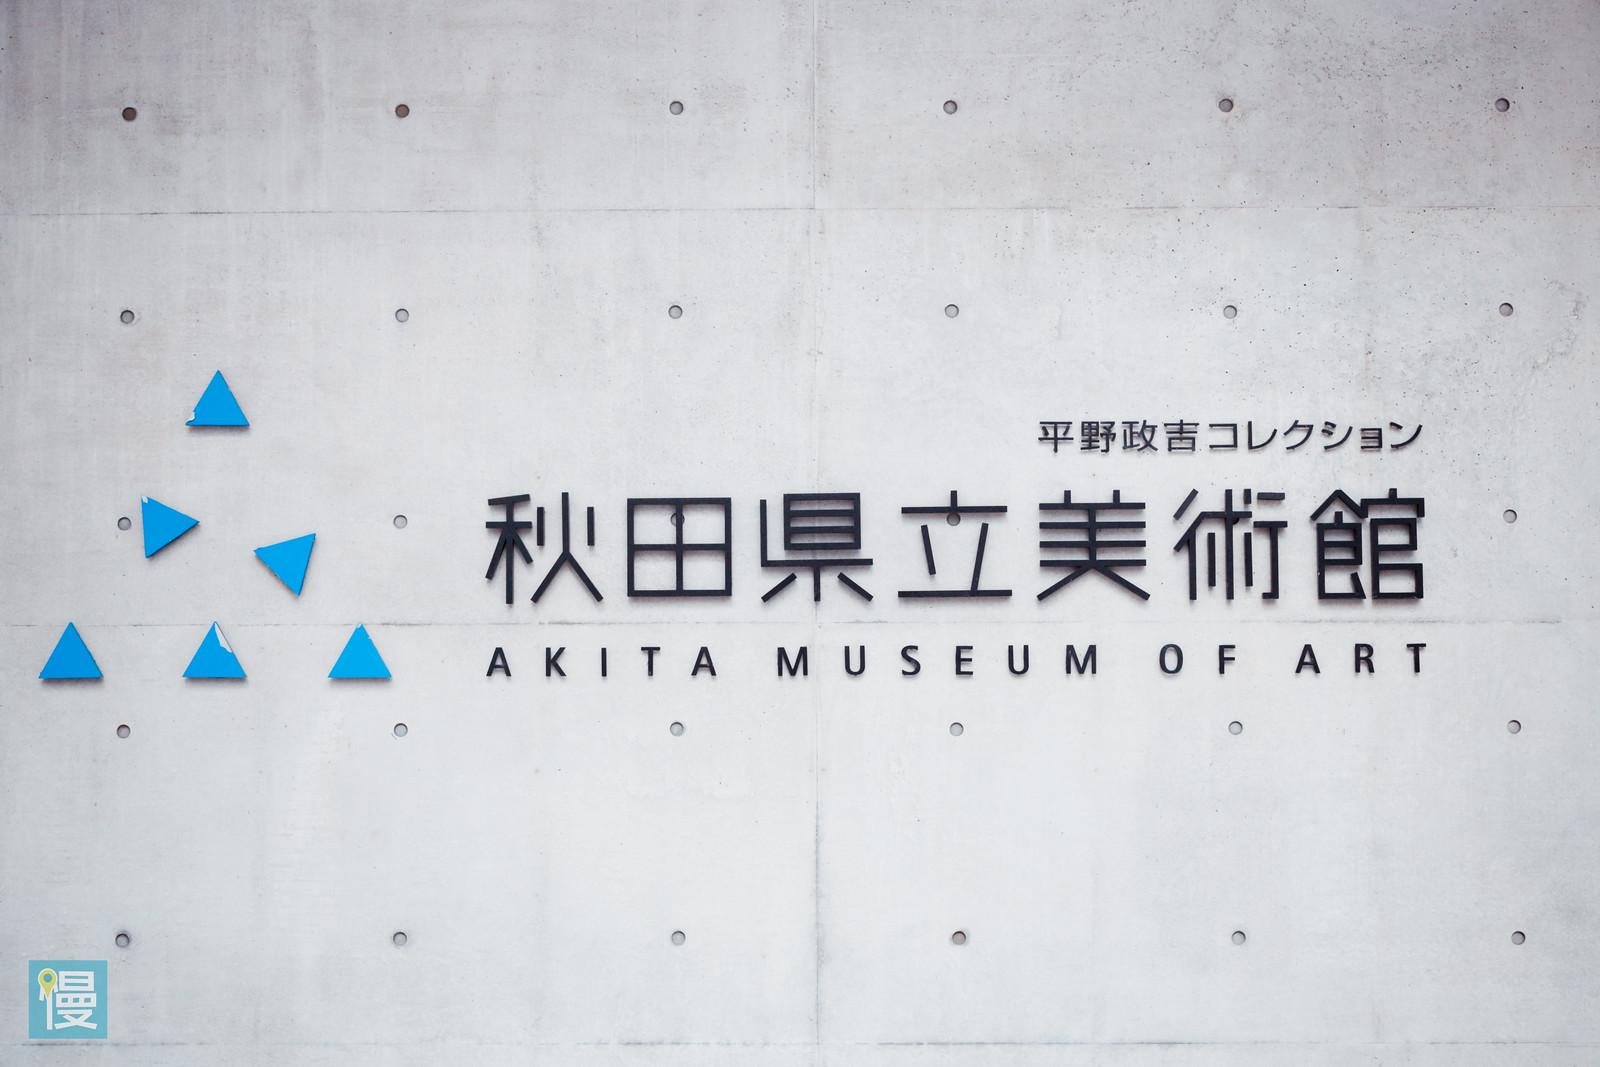 千秋公園 + 秋田縣立美術館 2016 - 176